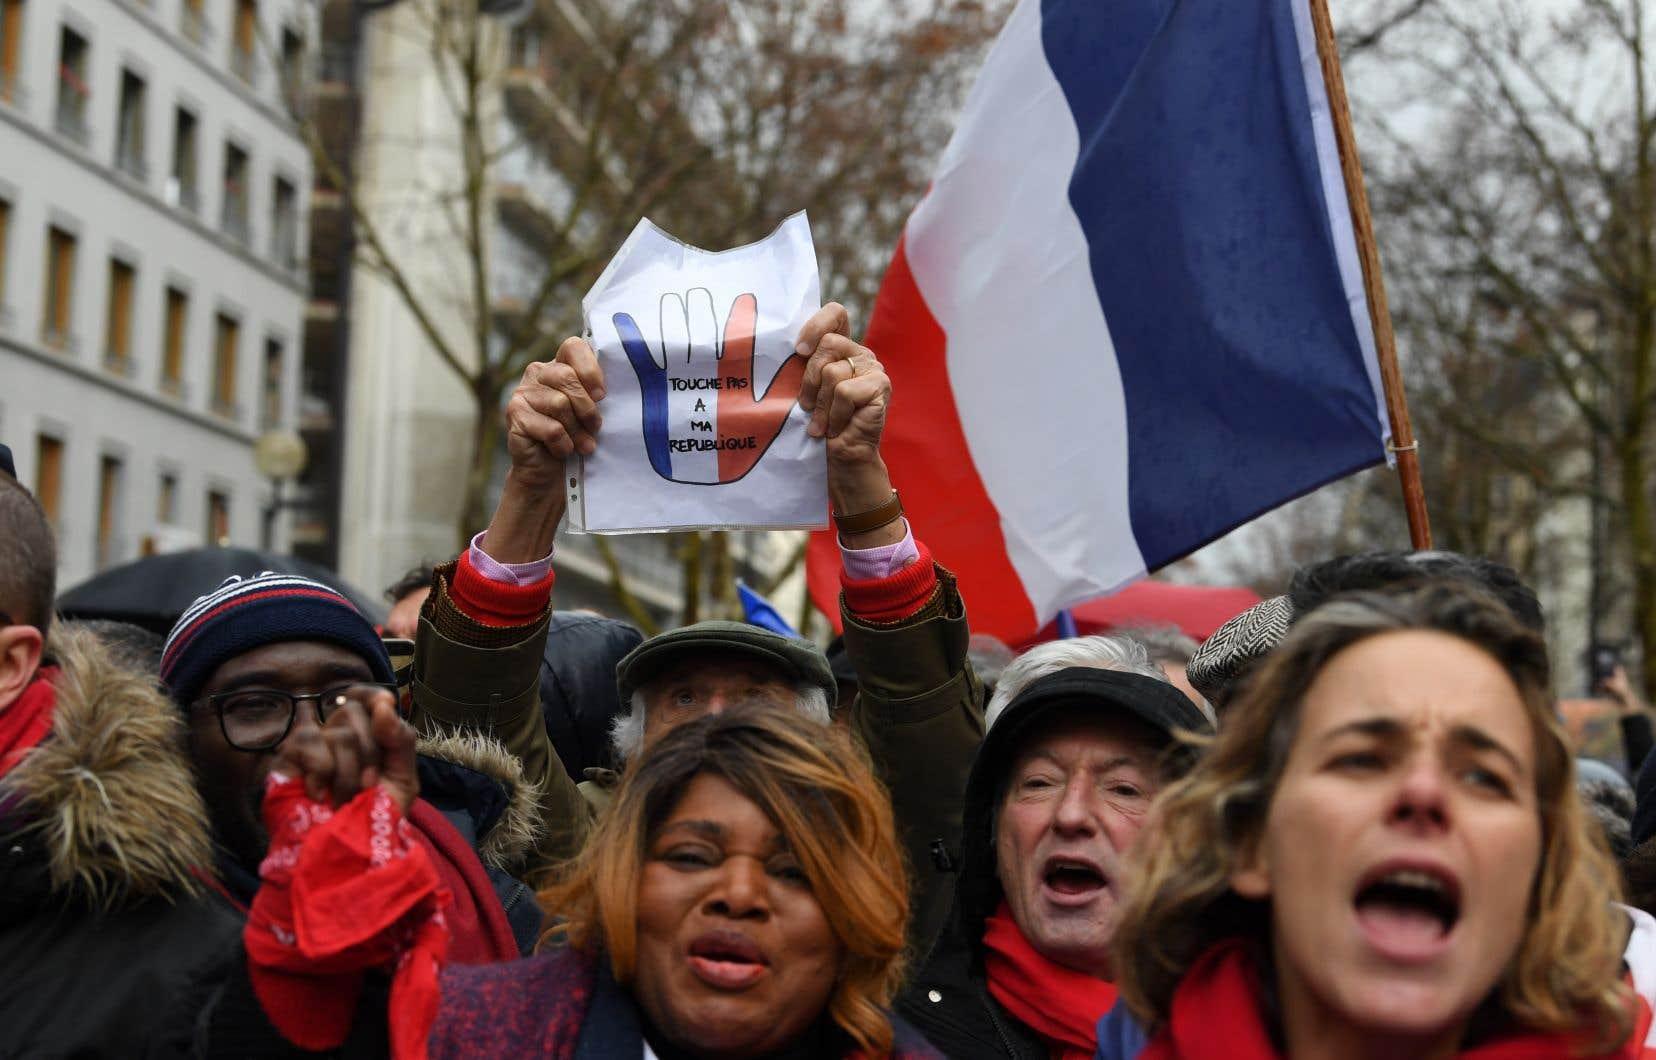 Des drapeaux français et quelques drapeaux européens parsemaient le cortège qui scandait «Oui à la démocratie, non à la révolution».